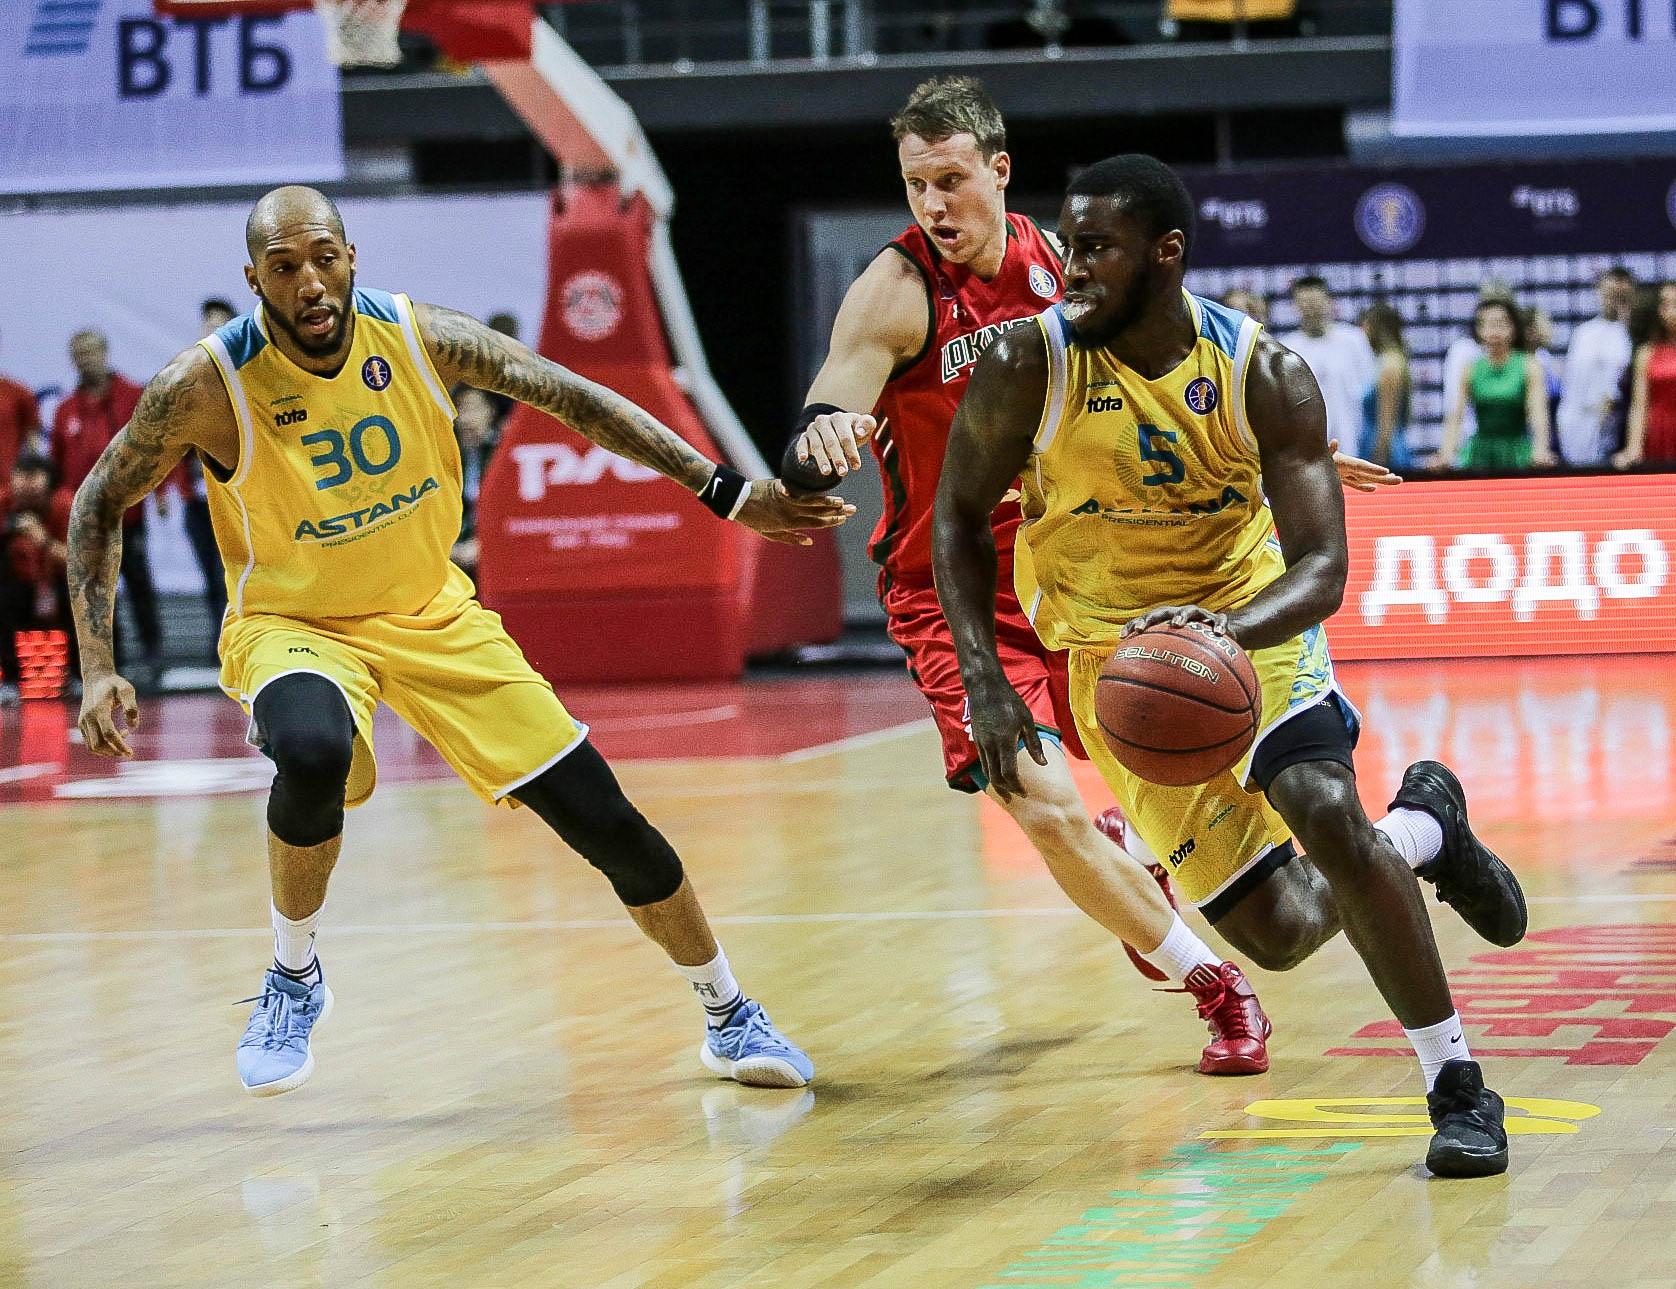 Невероятная «Астана» снова преподносит сенсацию – обыгран «Локо»